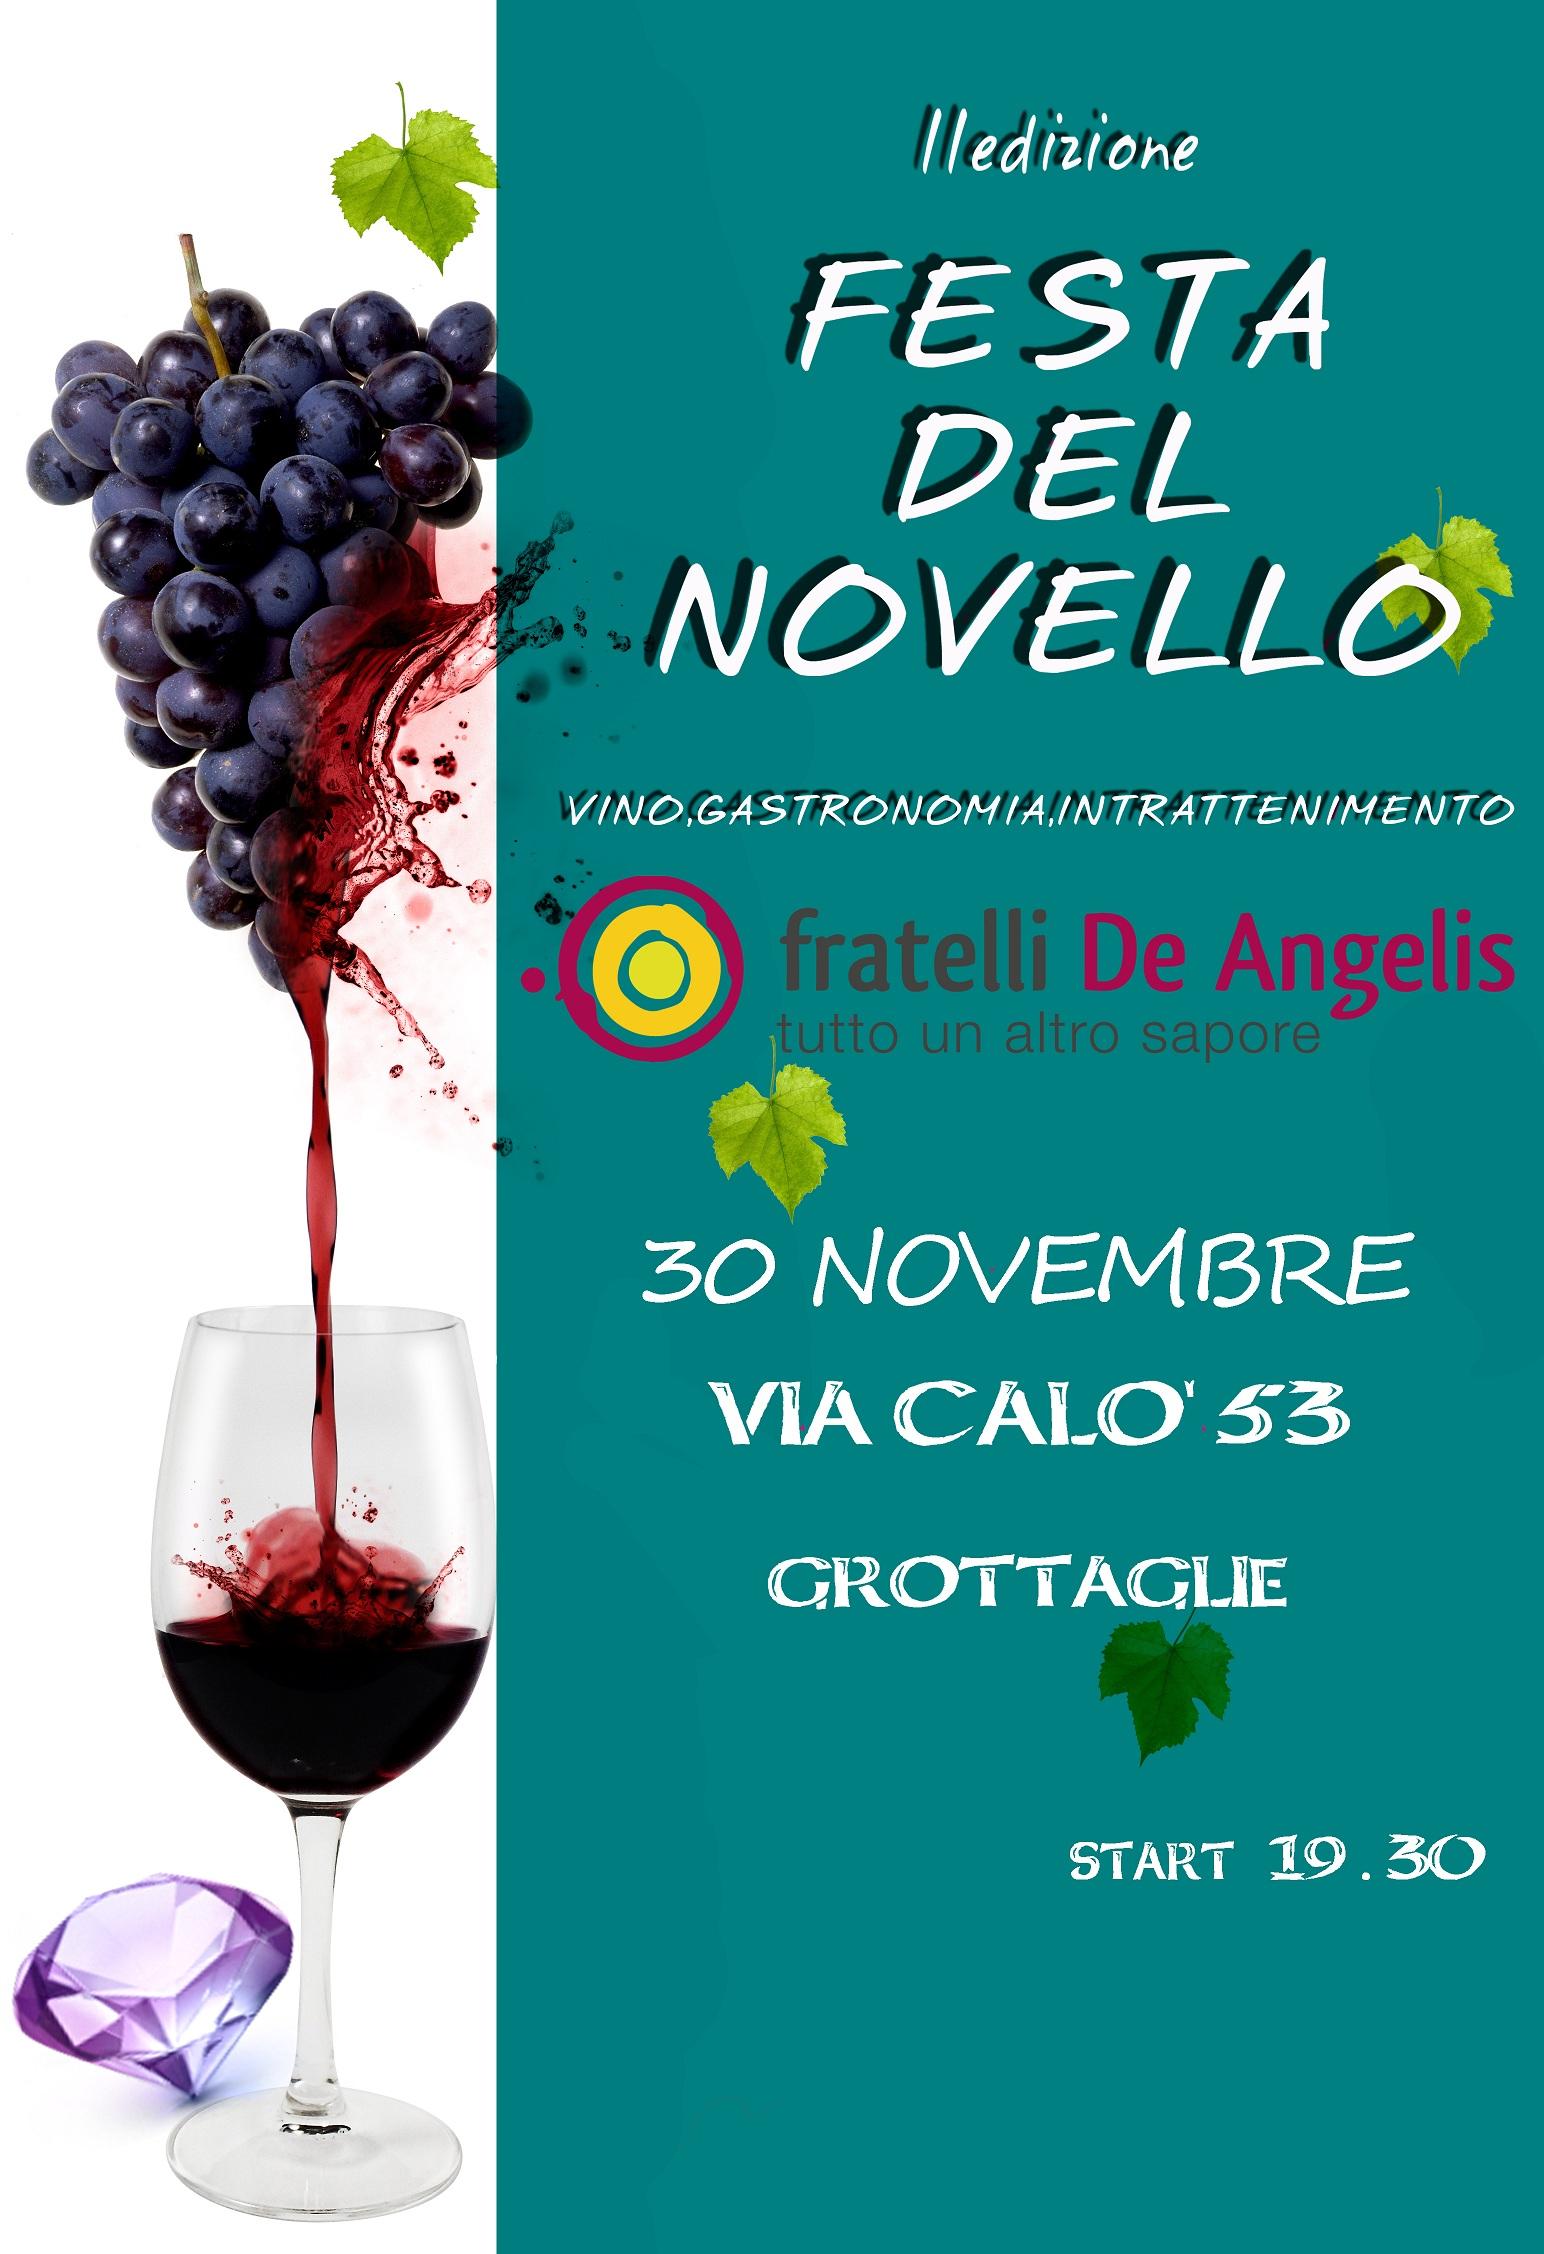 Festa del Novello 2012